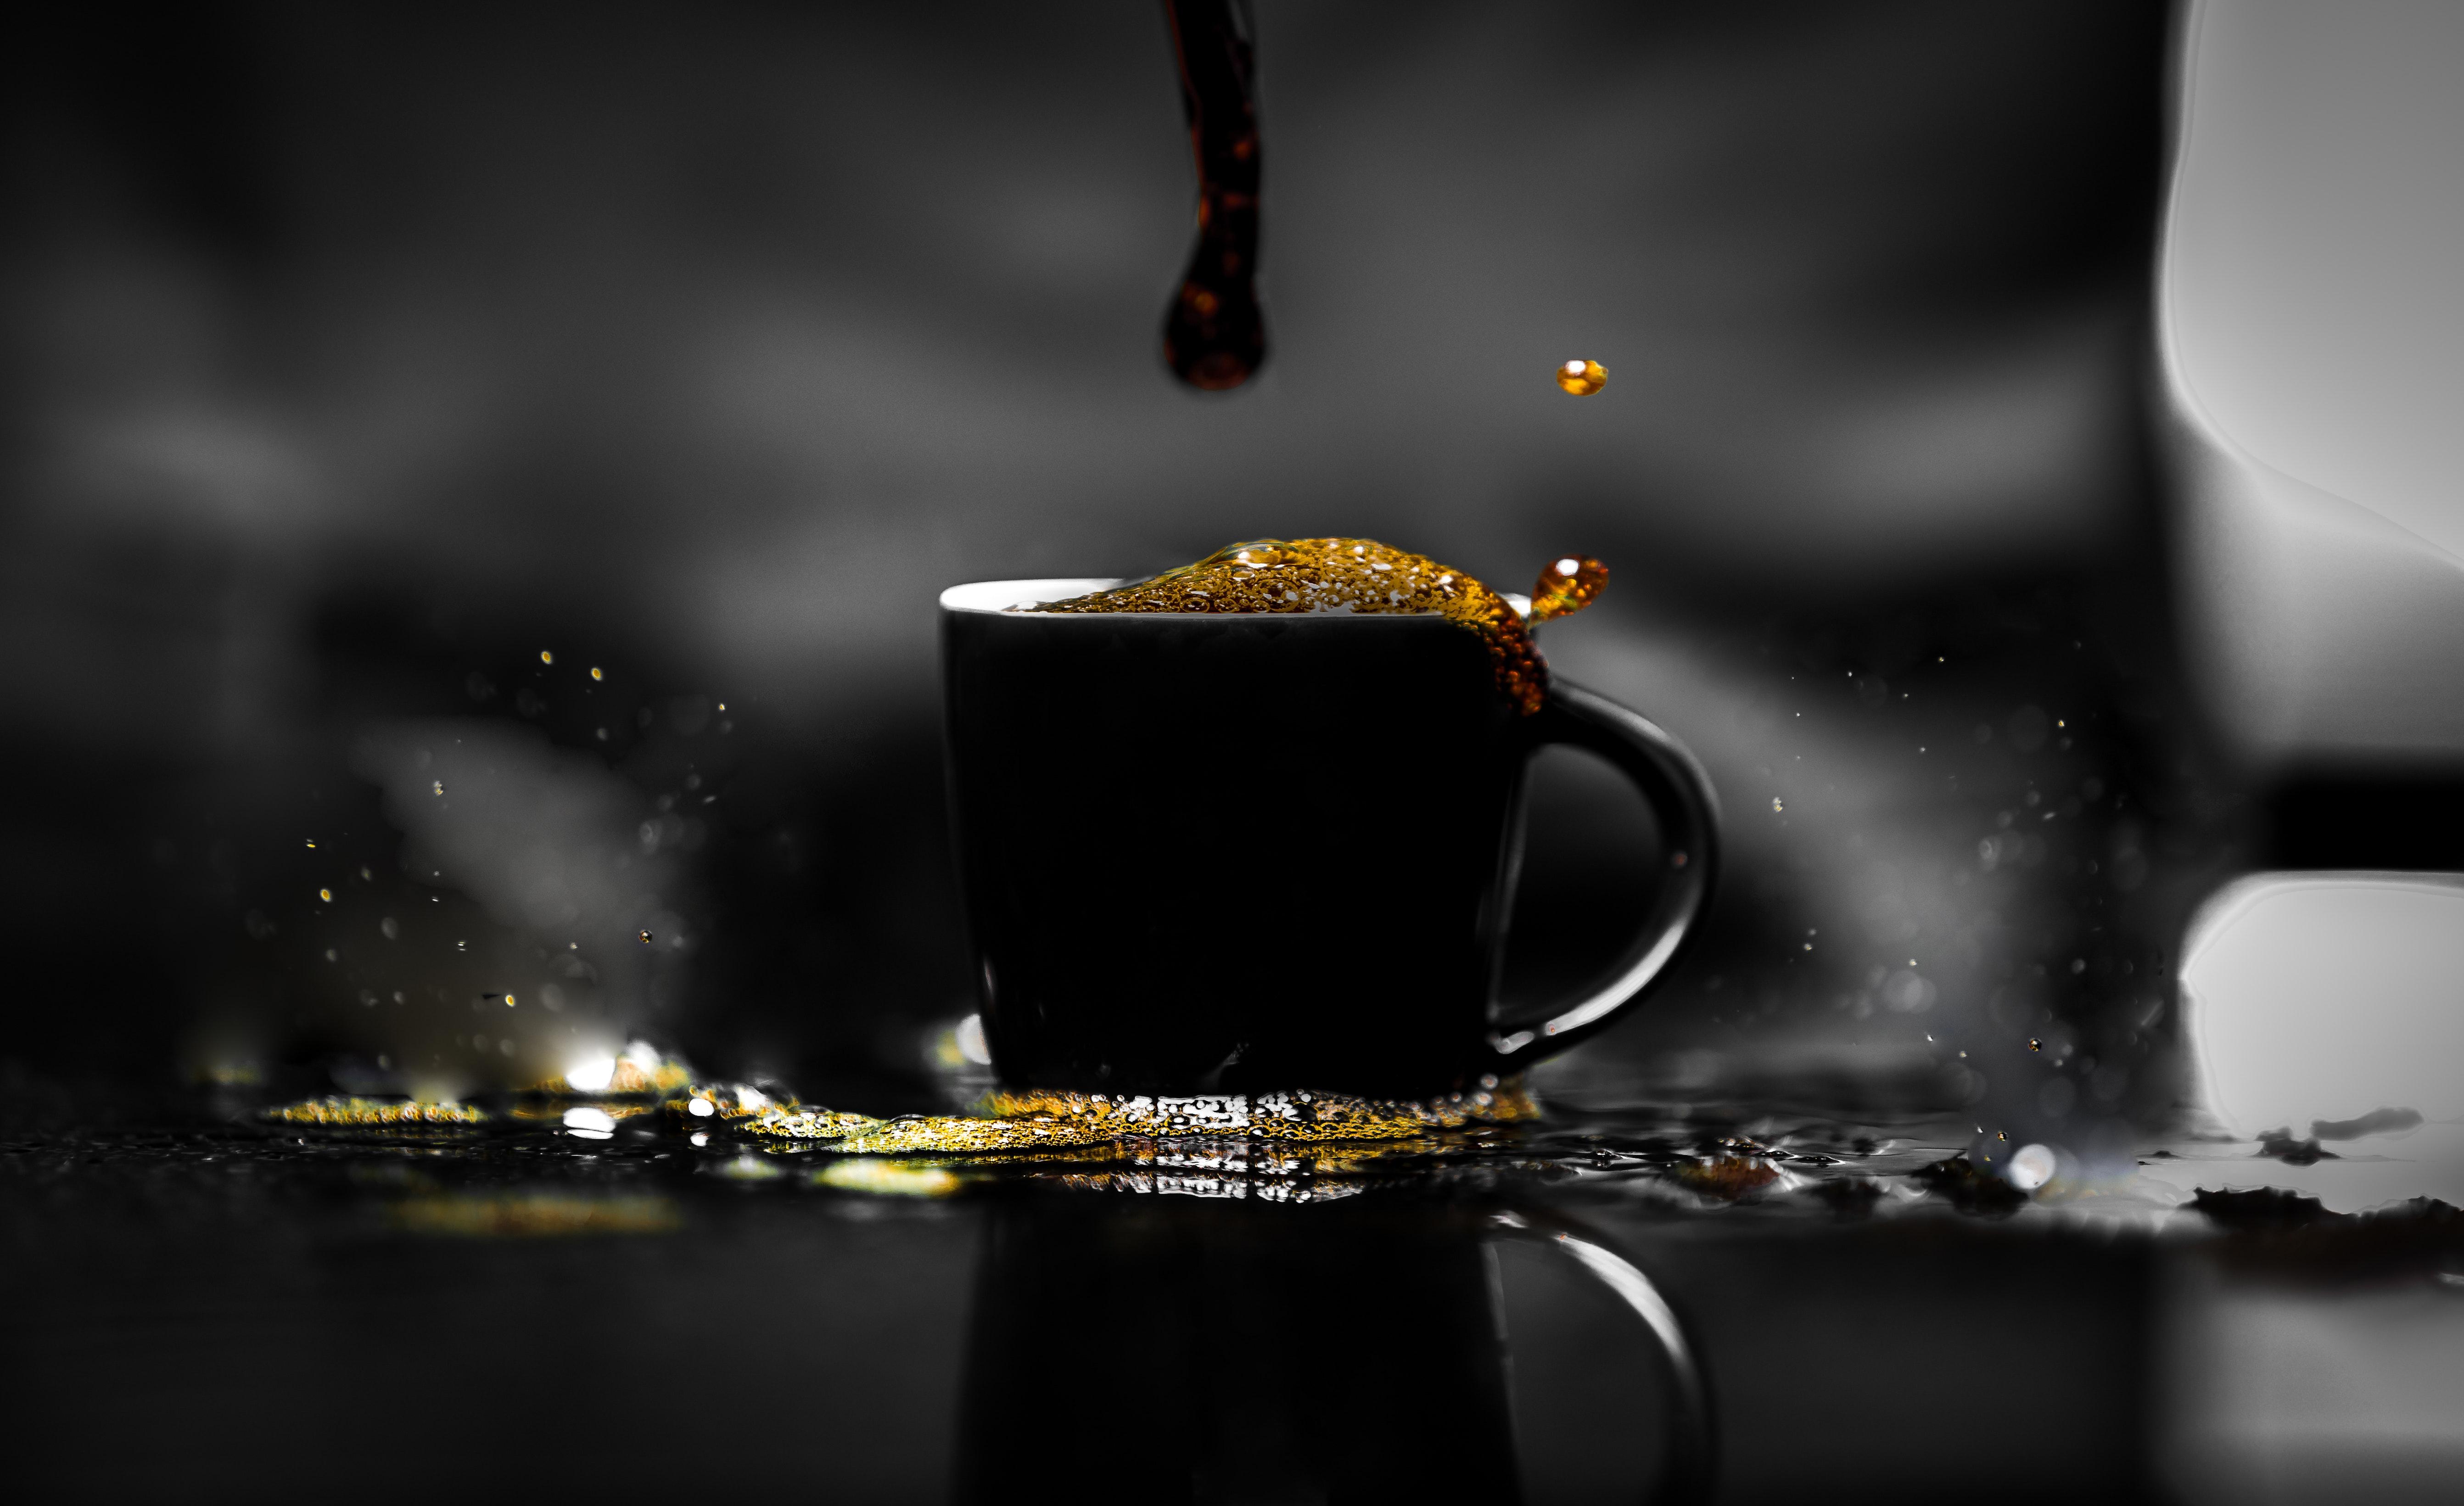 元禁止薬物カフェインが運動パフォーマンスに与える効果と摂取法#118